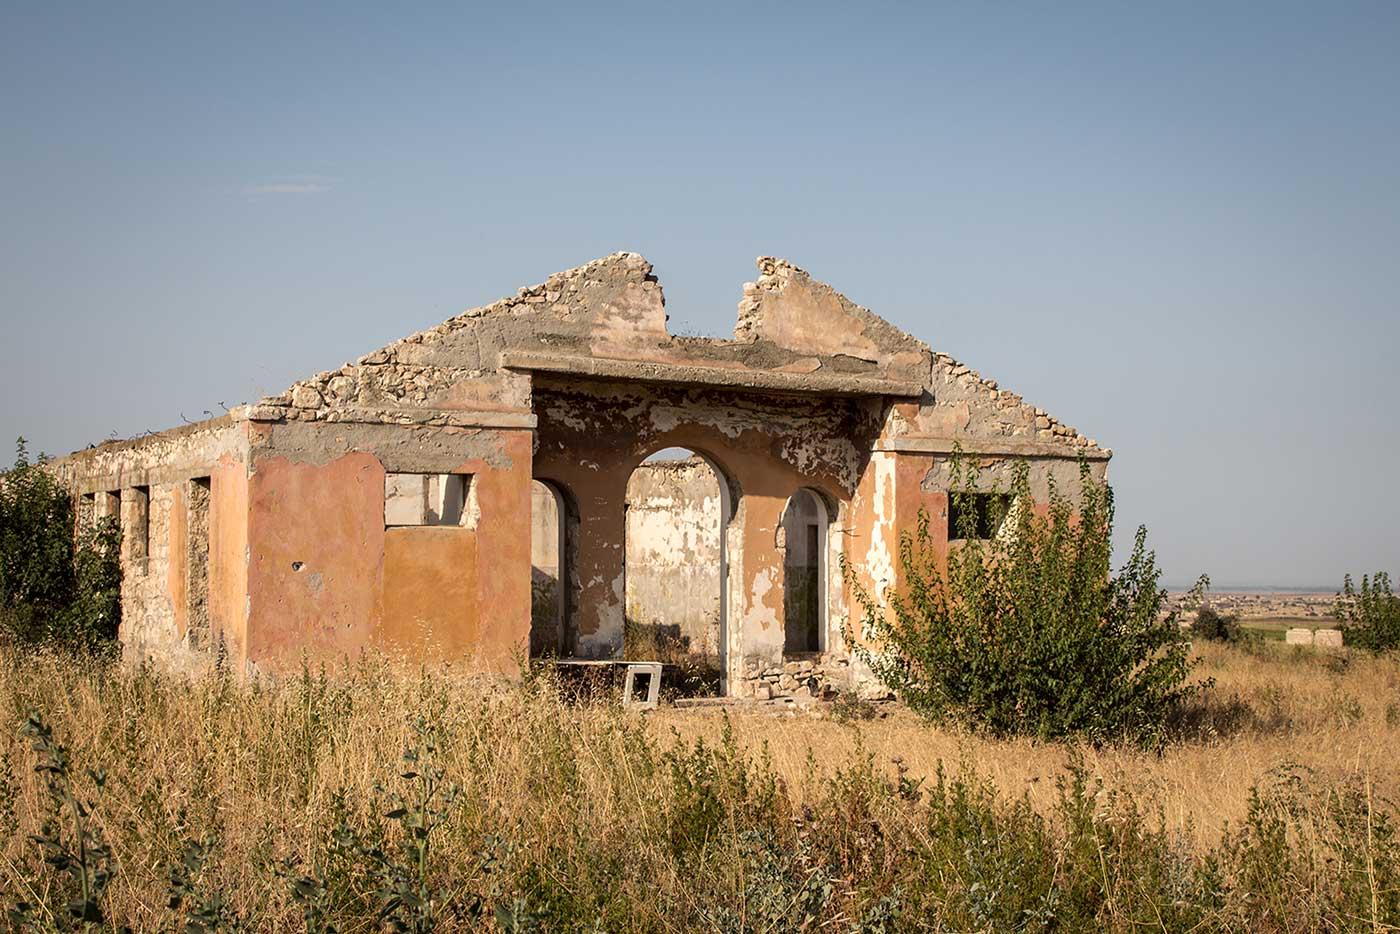 Abandoned building in Agdam, Nagorno-Karabakh.